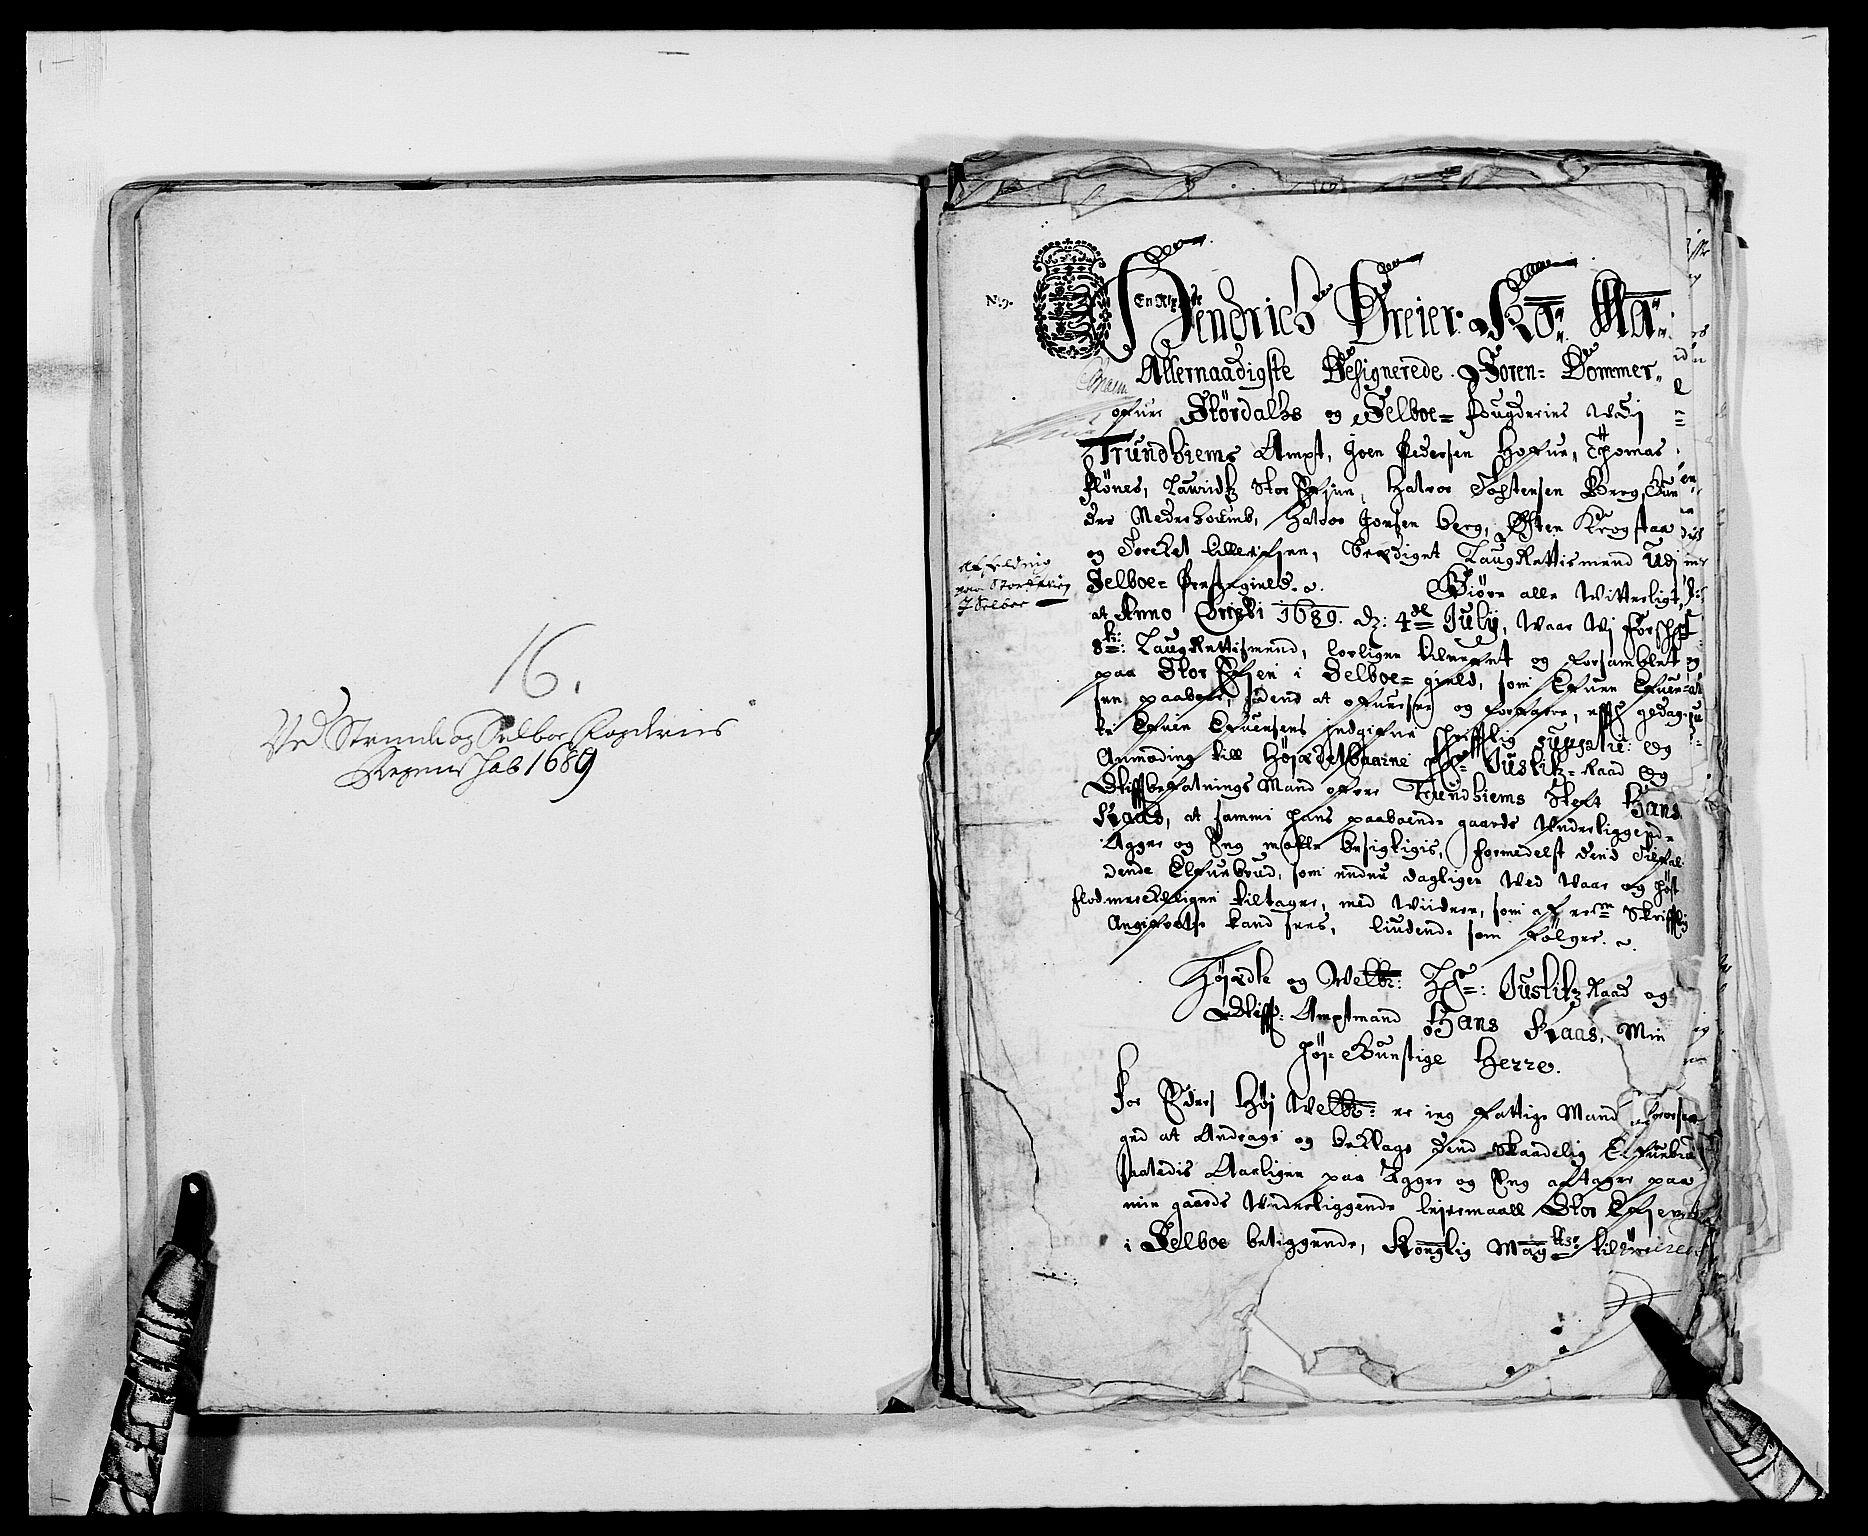 RA, Rentekammeret inntil 1814, Reviderte regnskaper, Fogderegnskap, R61/L4102: Fogderegnskap Strinda og Selbu, 1689-1690, s. 100